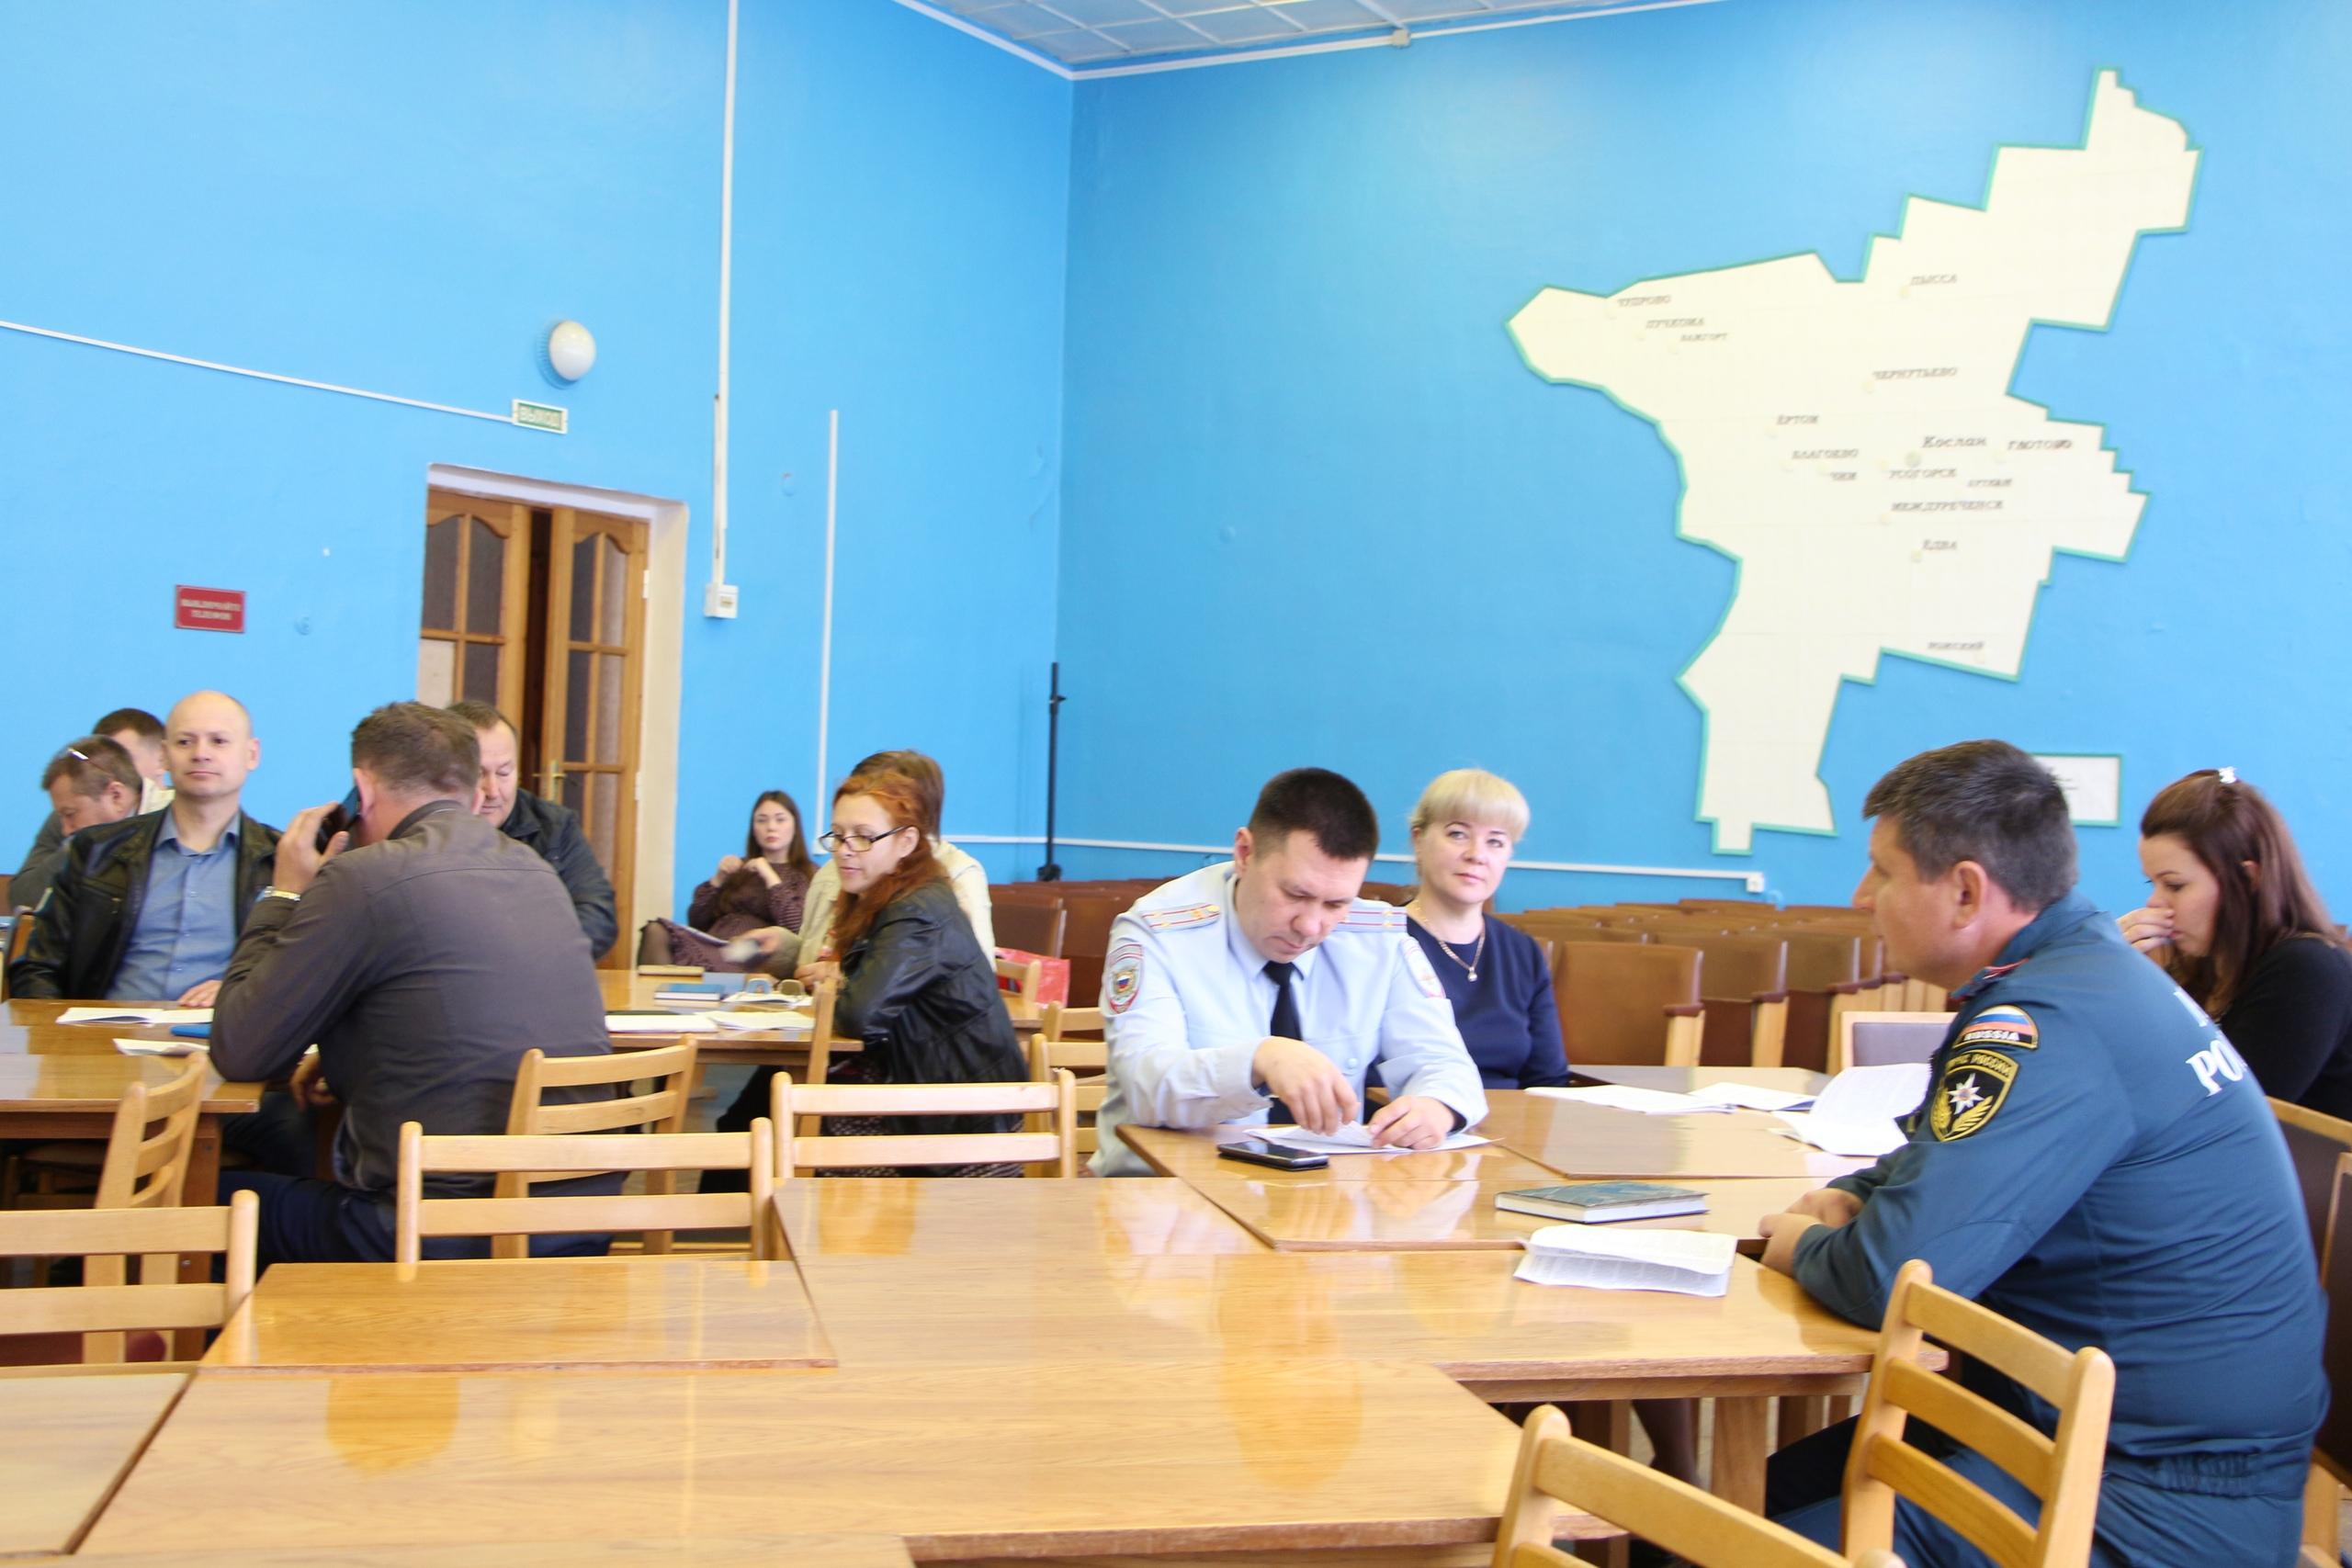 Под председательством руководителя администрации Николая Жилина состоялось заседание антитеррористической комиссии, на которой рассмотрели девять вопросов